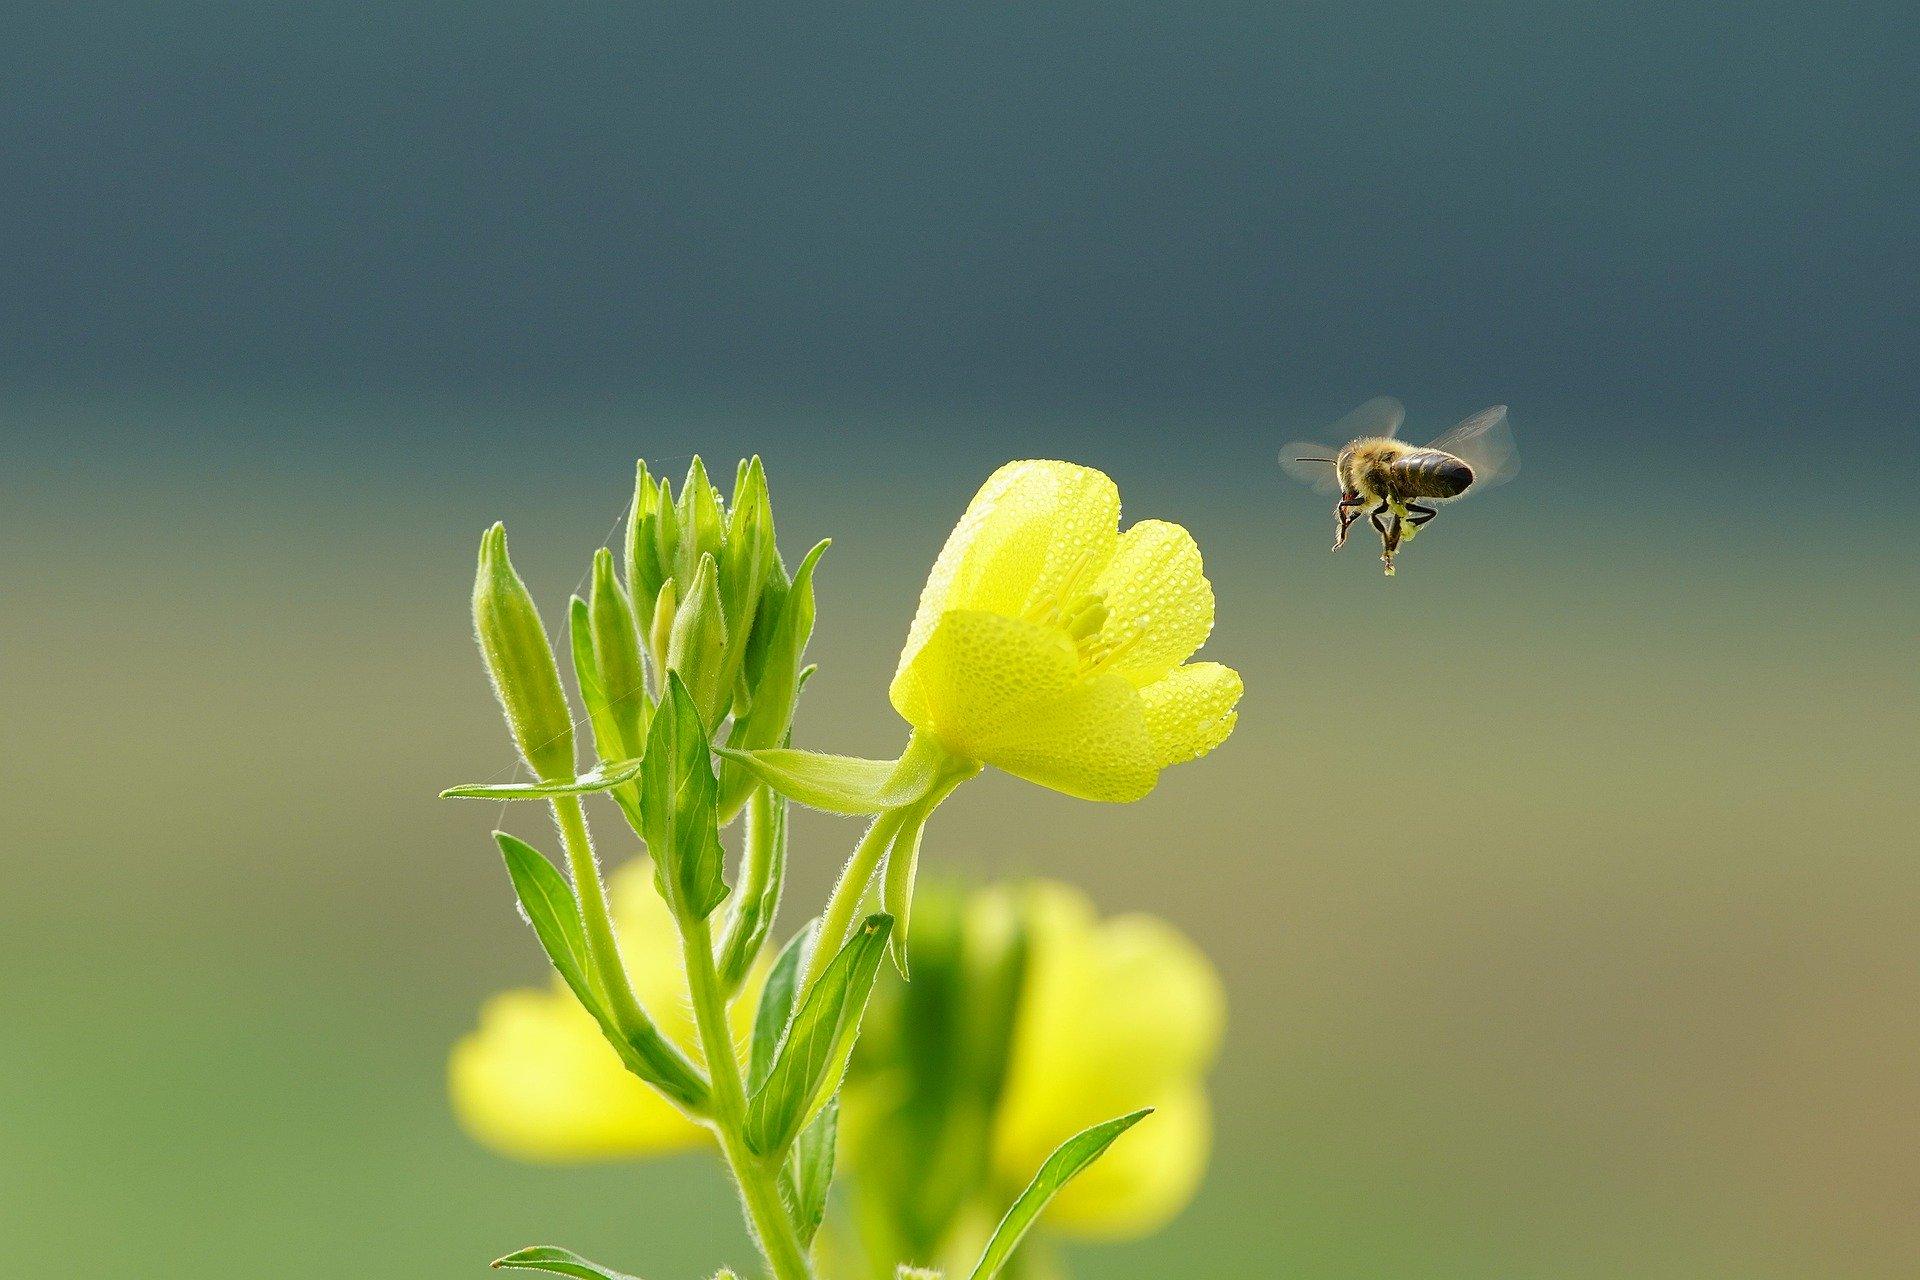 Neue Fähigkeit bei Blumen entdeckt!